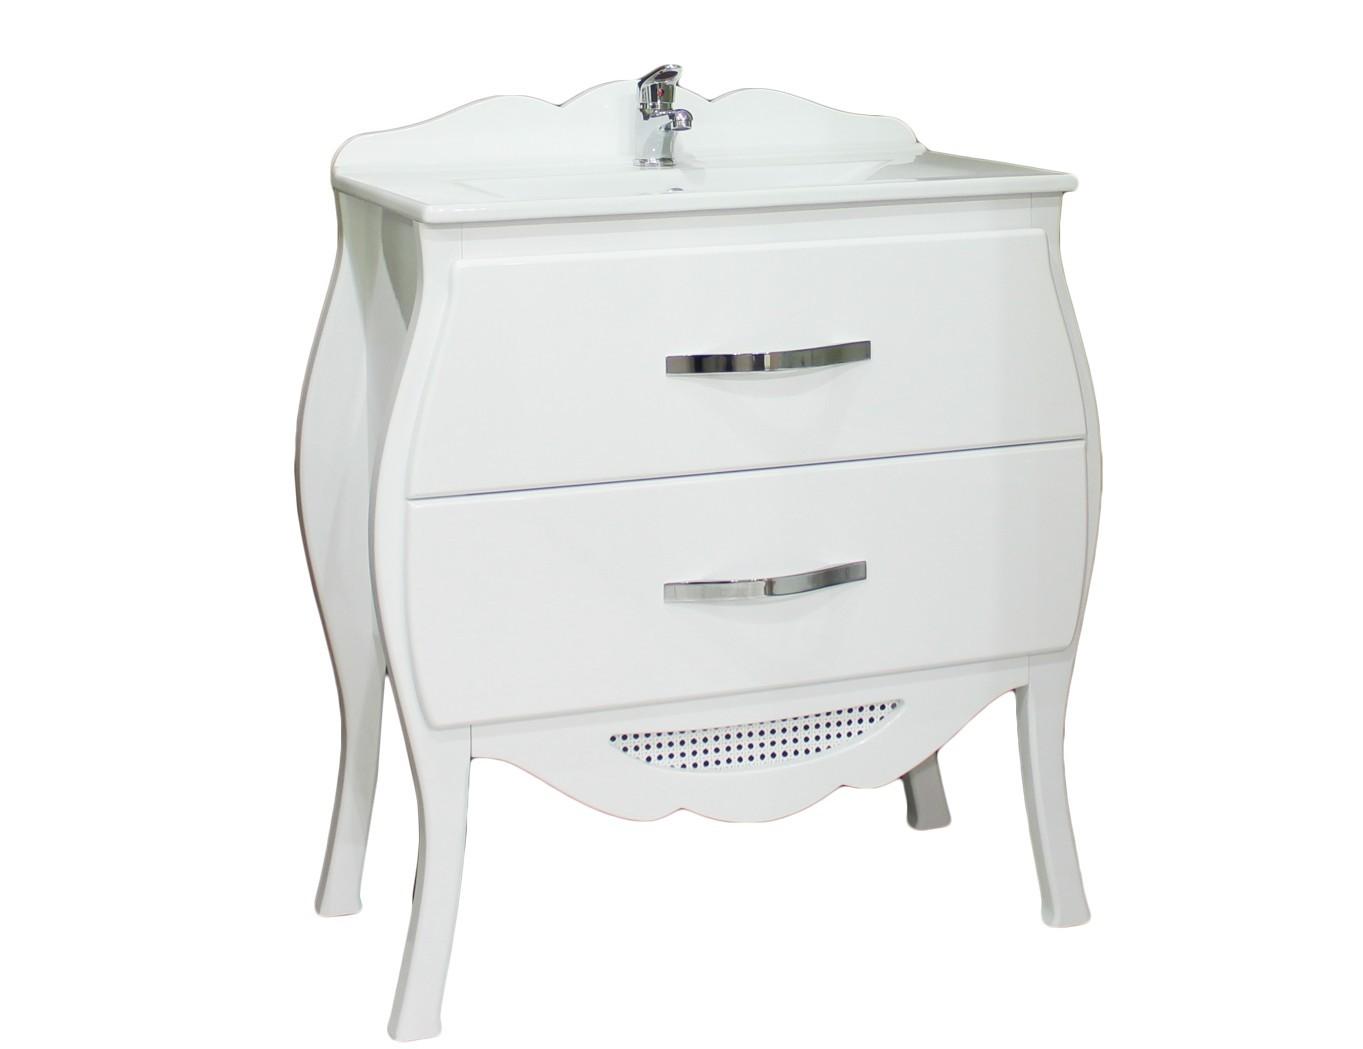 biela SKRINKA s umývadlom 62 60 vaňa RETRO